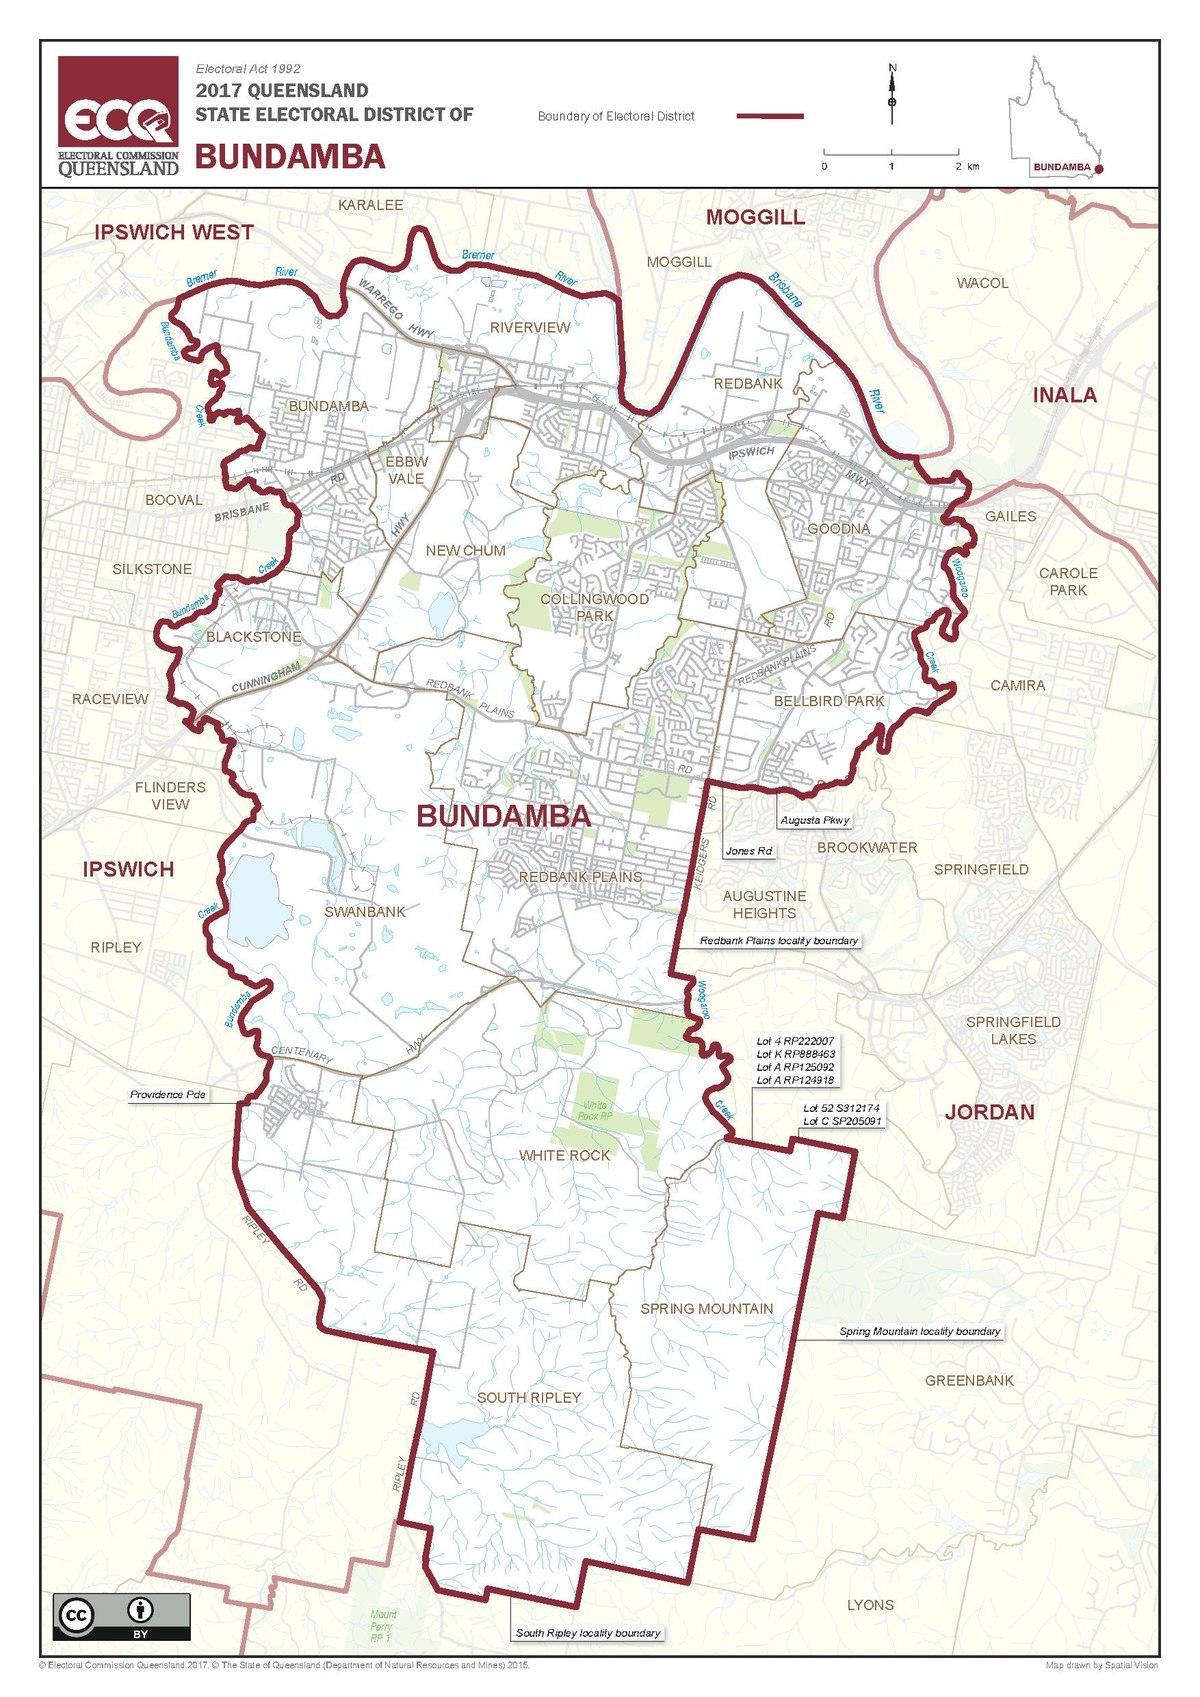 Electoral district of Bundamba - Wikipedia